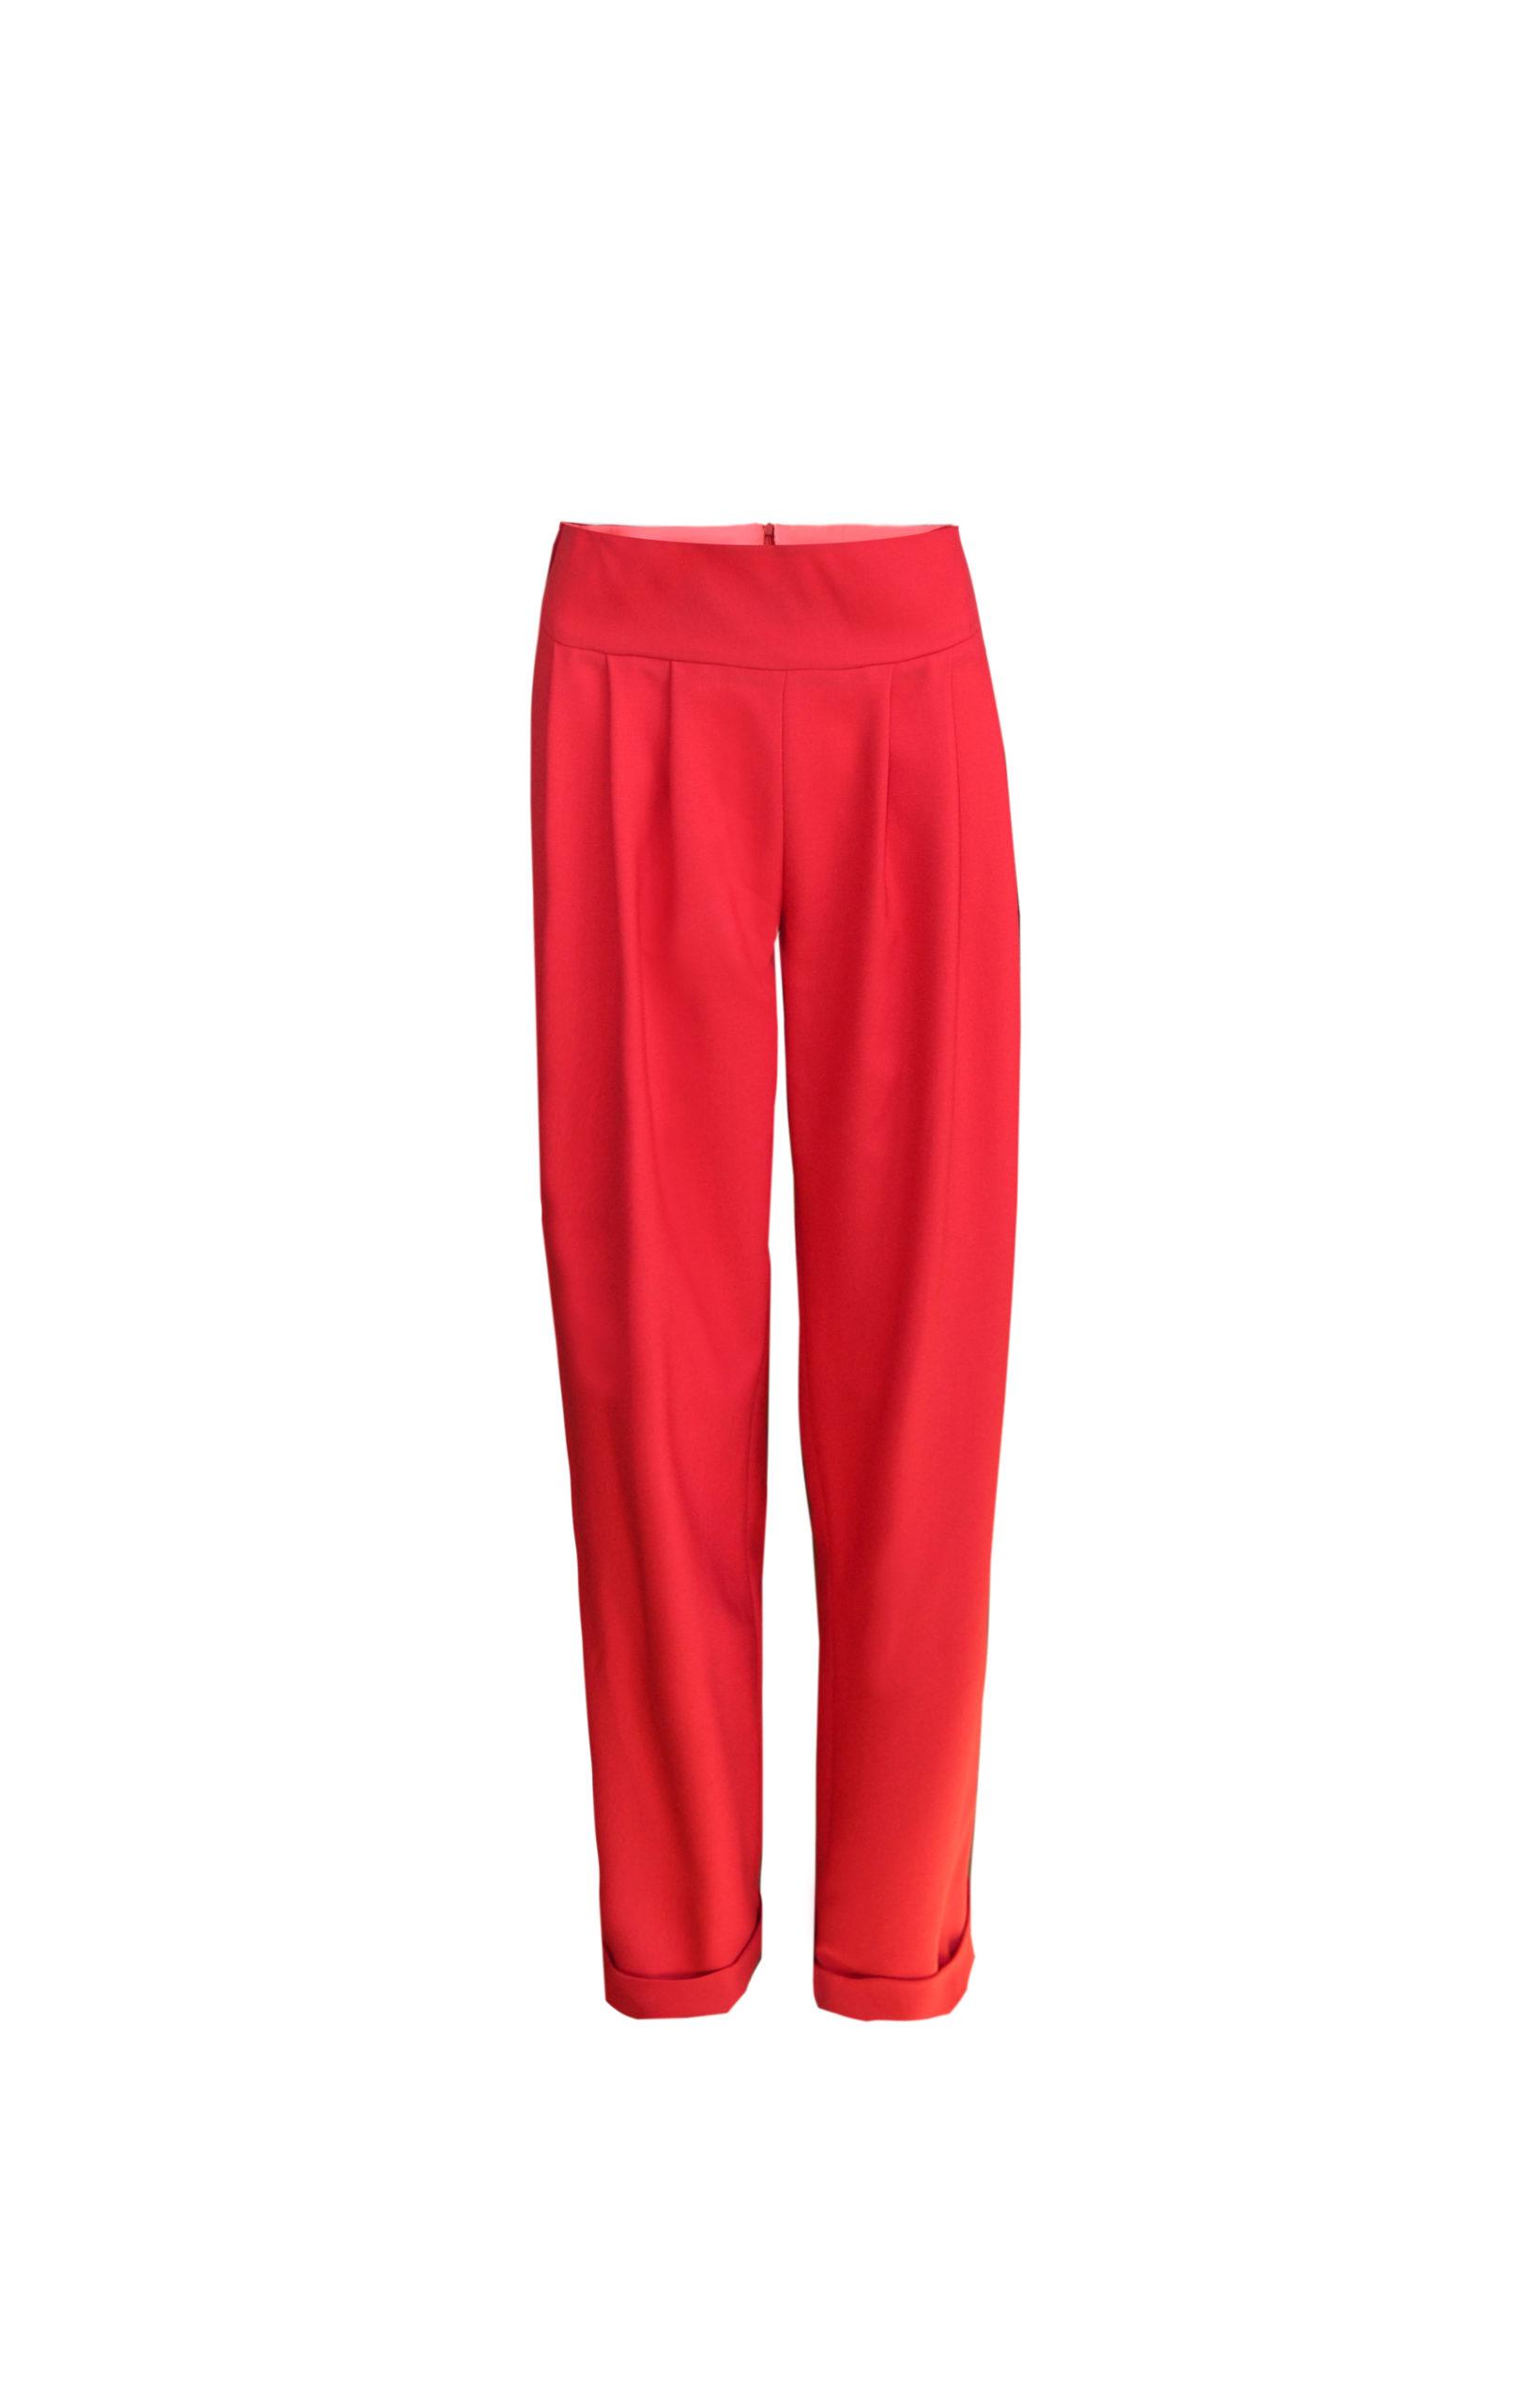 Hose Rot mit Bundfalten